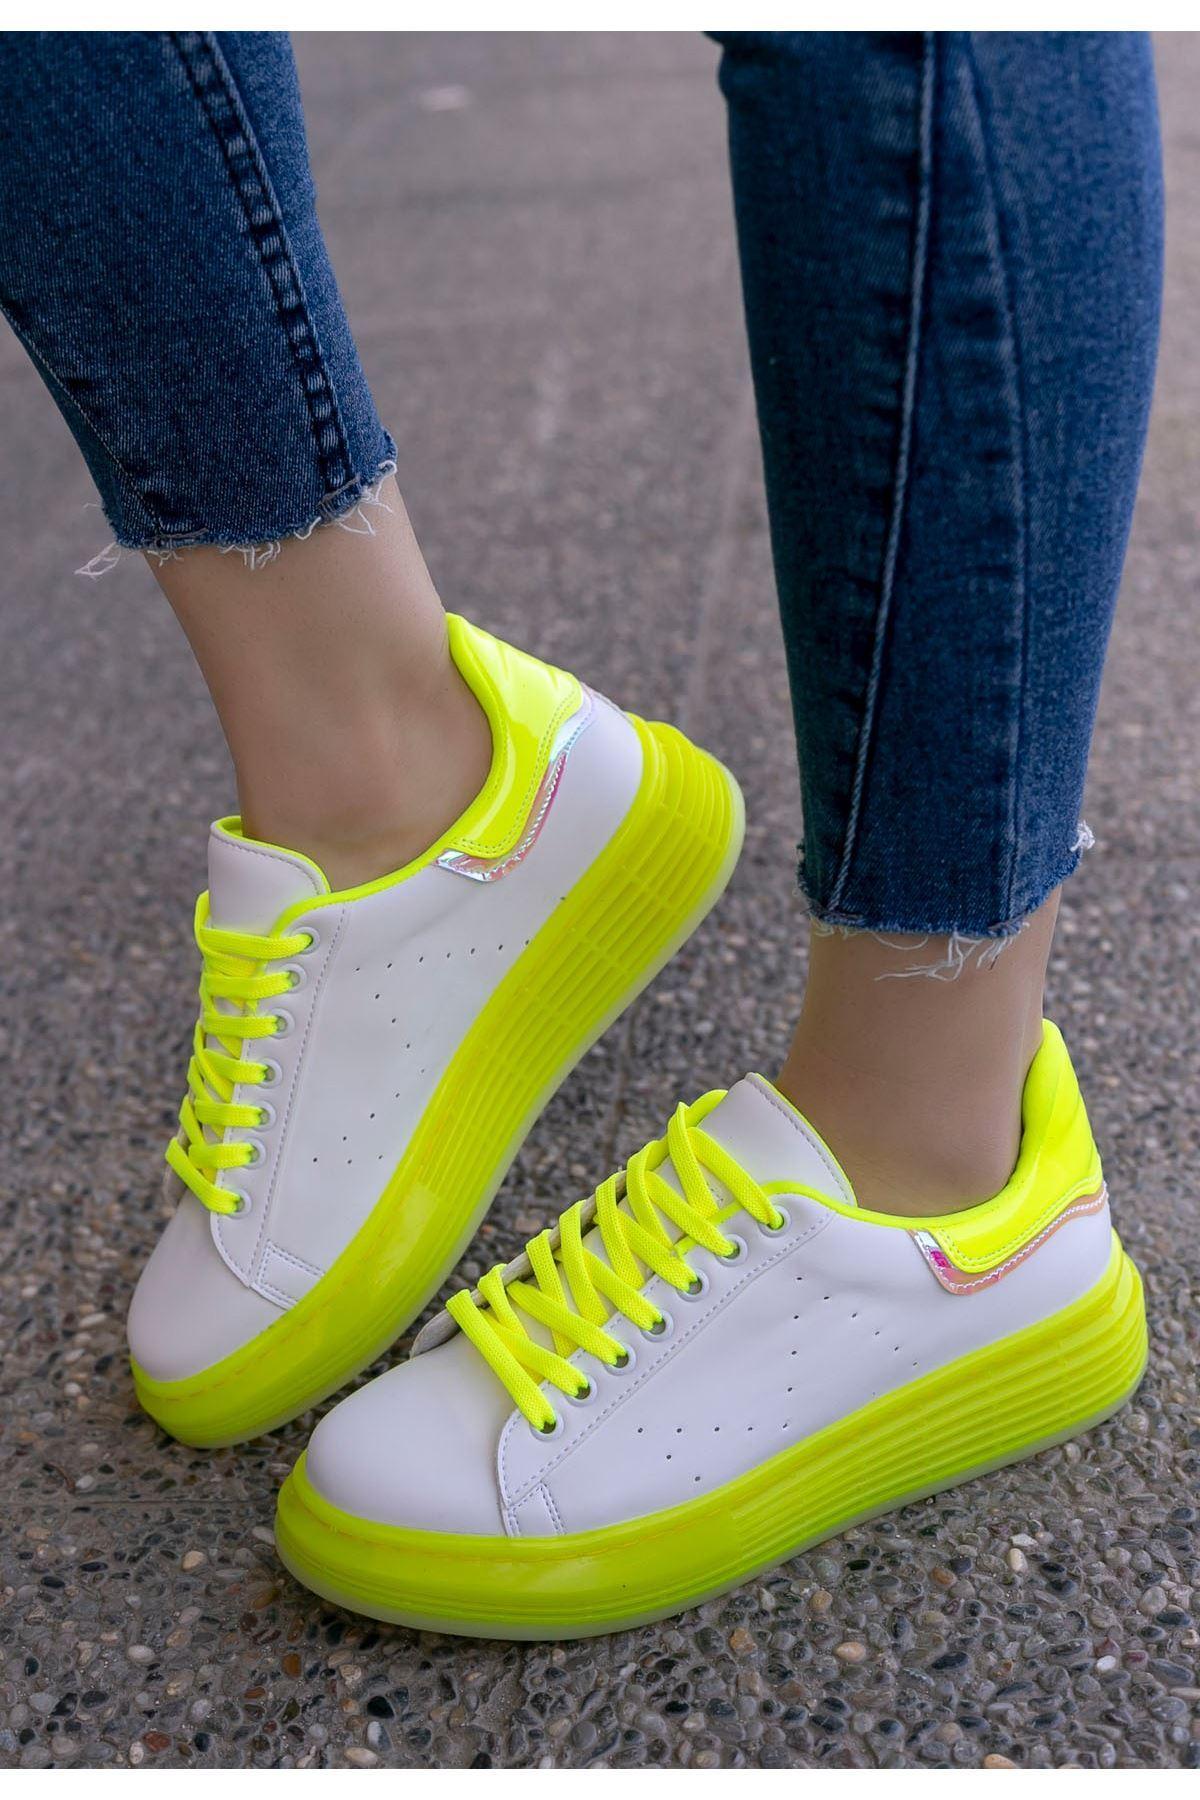 Vicary Beyaz Cilt Sarı Tabanlı Spor Ayakkabı